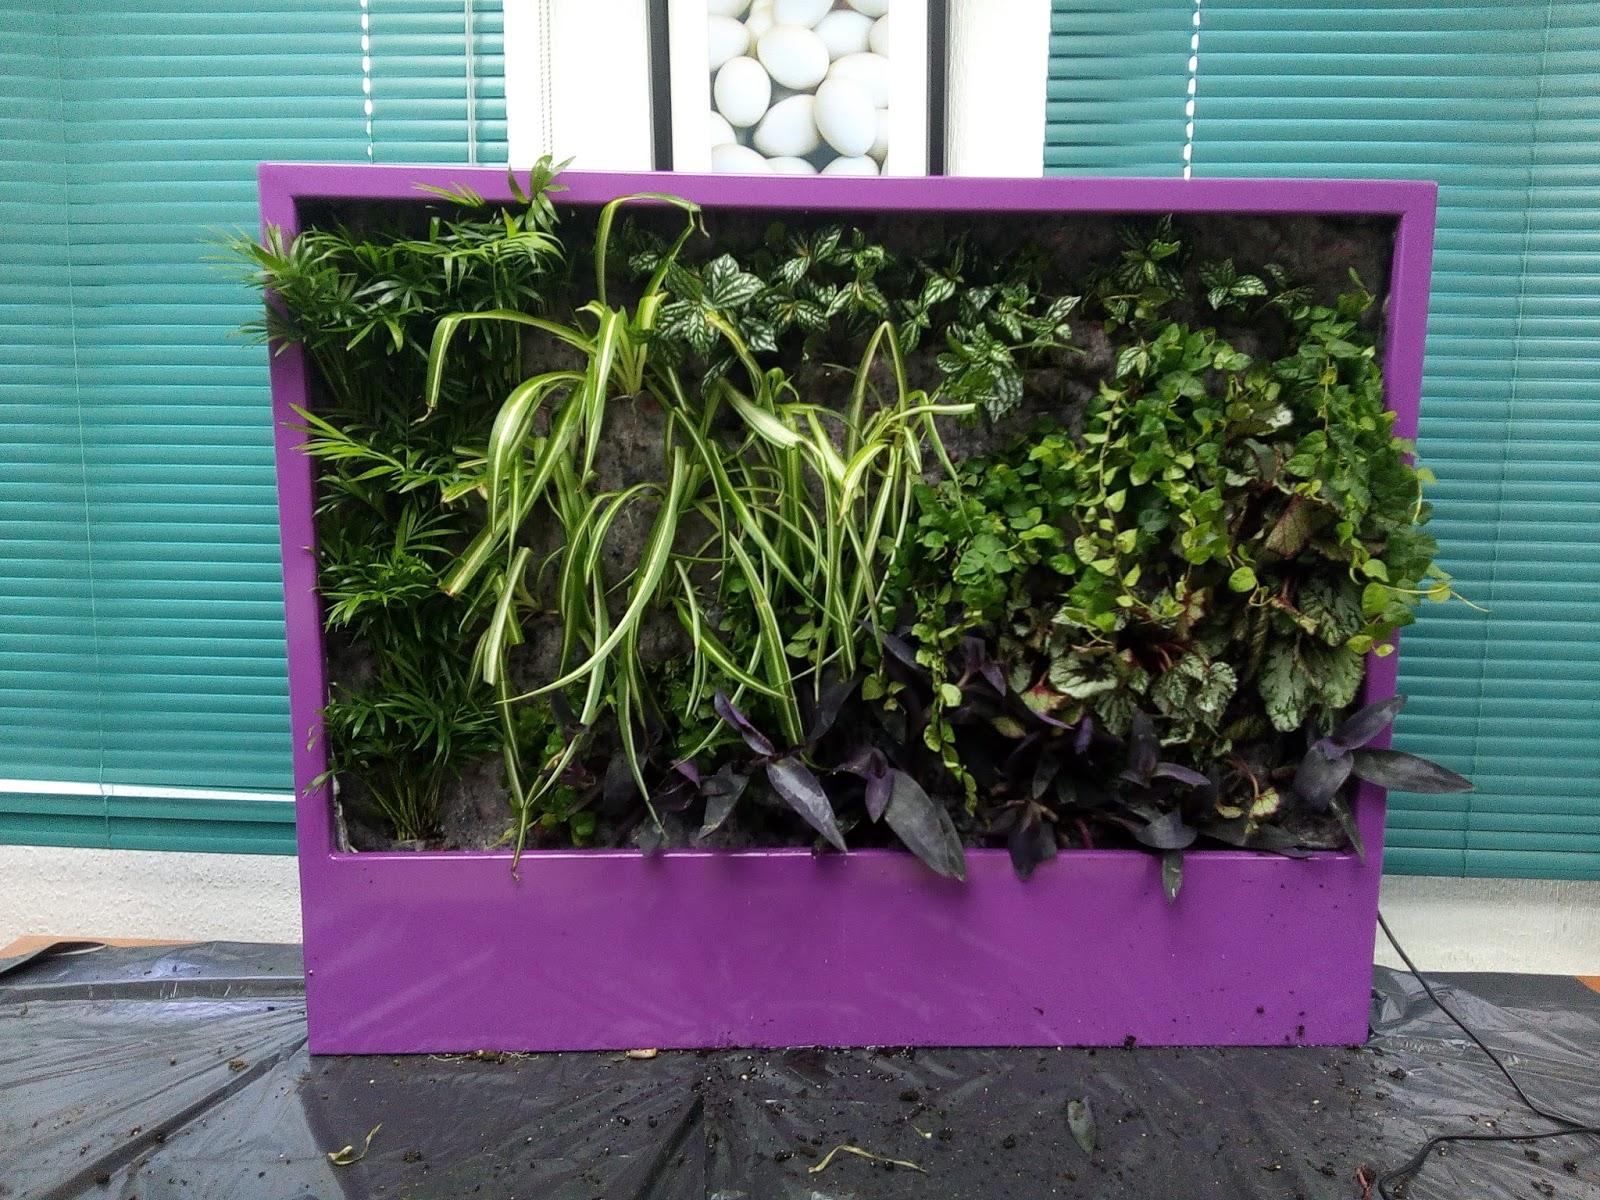 Jardines verticales y cubiertas vegetales for Jardines verticales espana